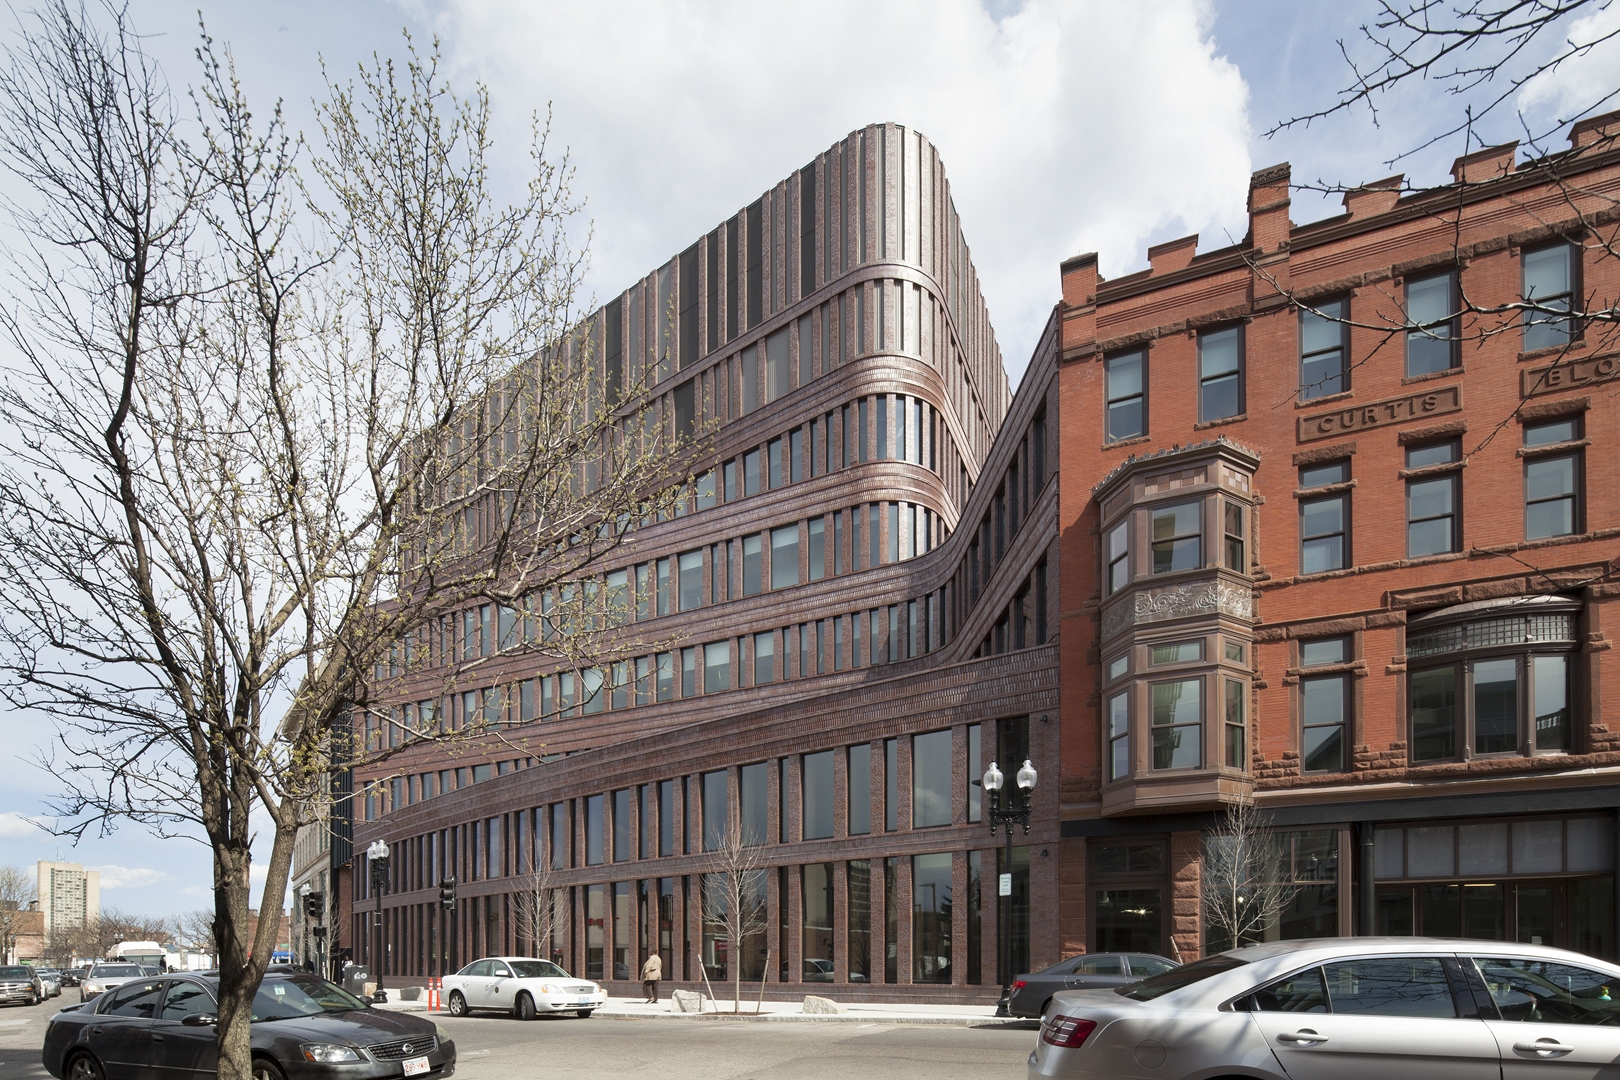 06_Mecanoo_Curtis facade (Copy)